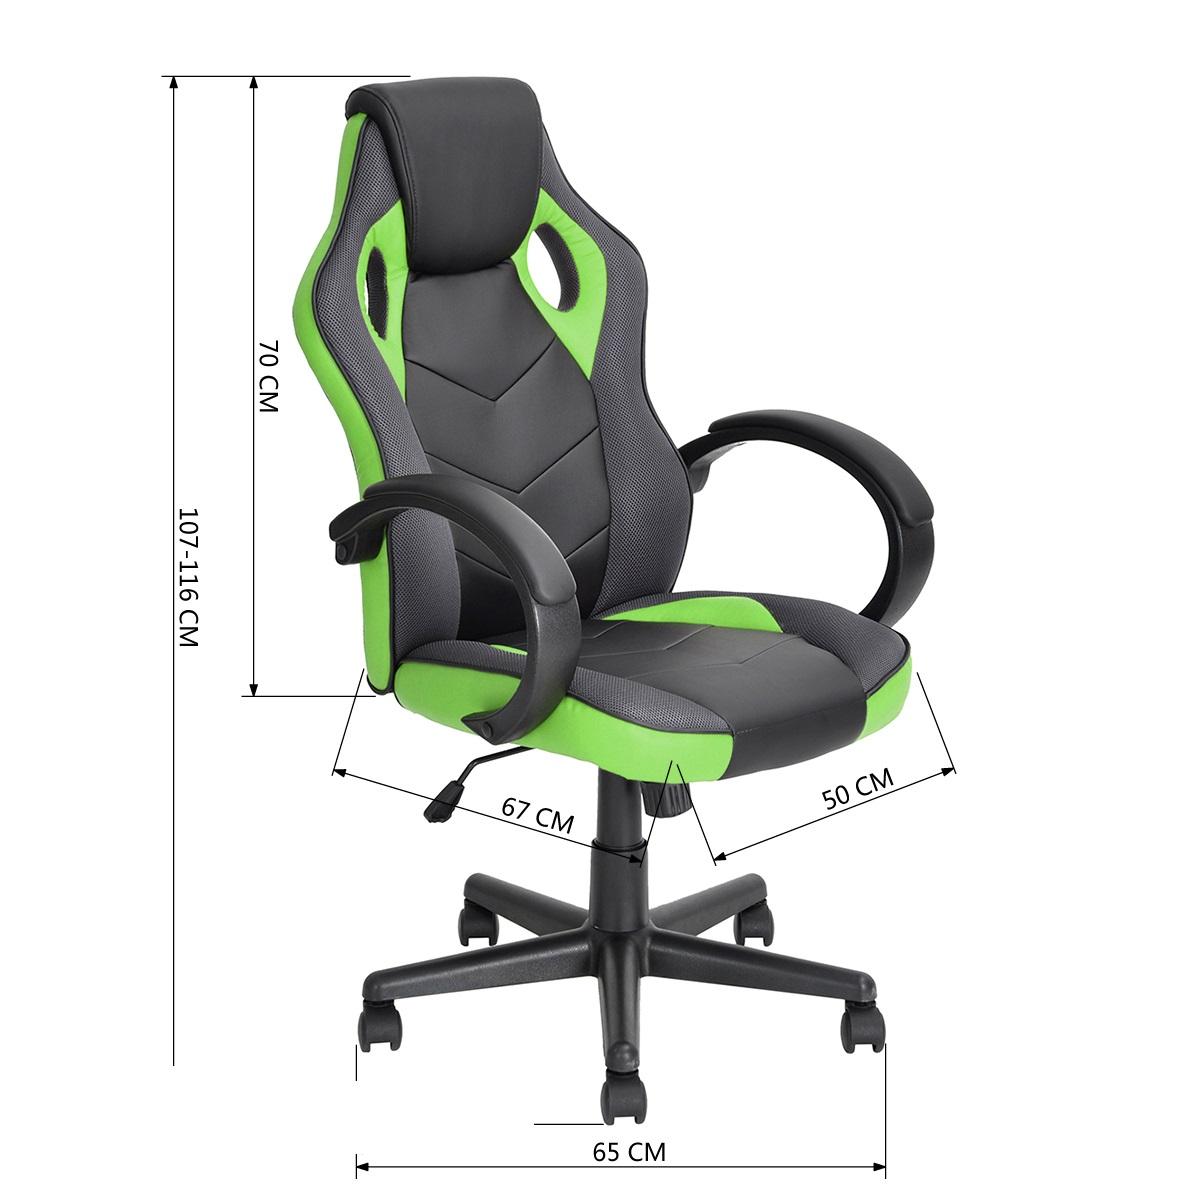 כסא סופר-גיימר Homax מעוצב לבית או למשרד לישיבה ממושכת ונוחה במגוון צבעים לבחירה - תמונה 6